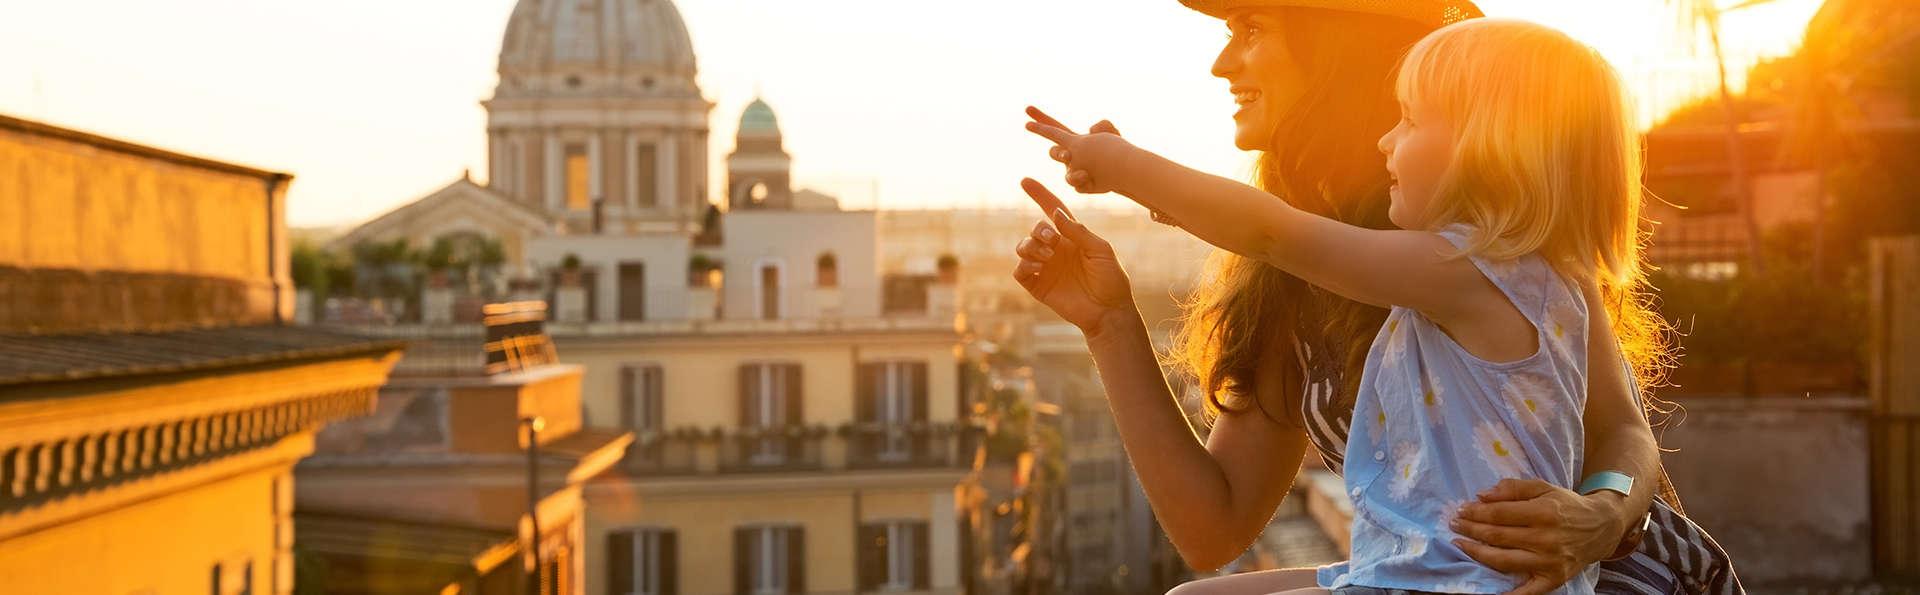 Découvrez Rome avec le Big Bus Hop-on Hop-off !